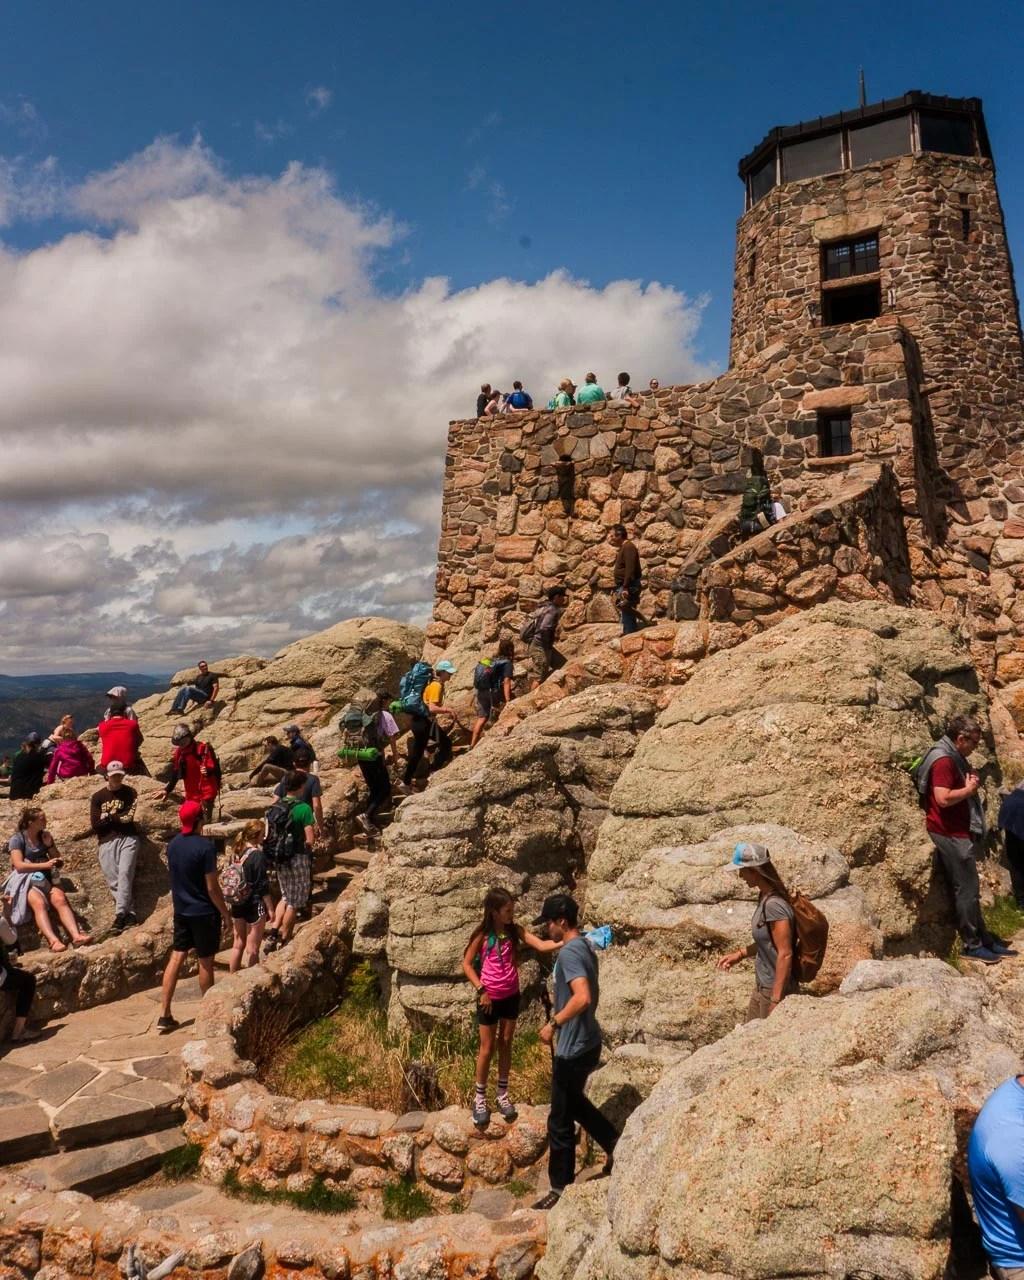 Harvey Peak Fire Lookout Tower